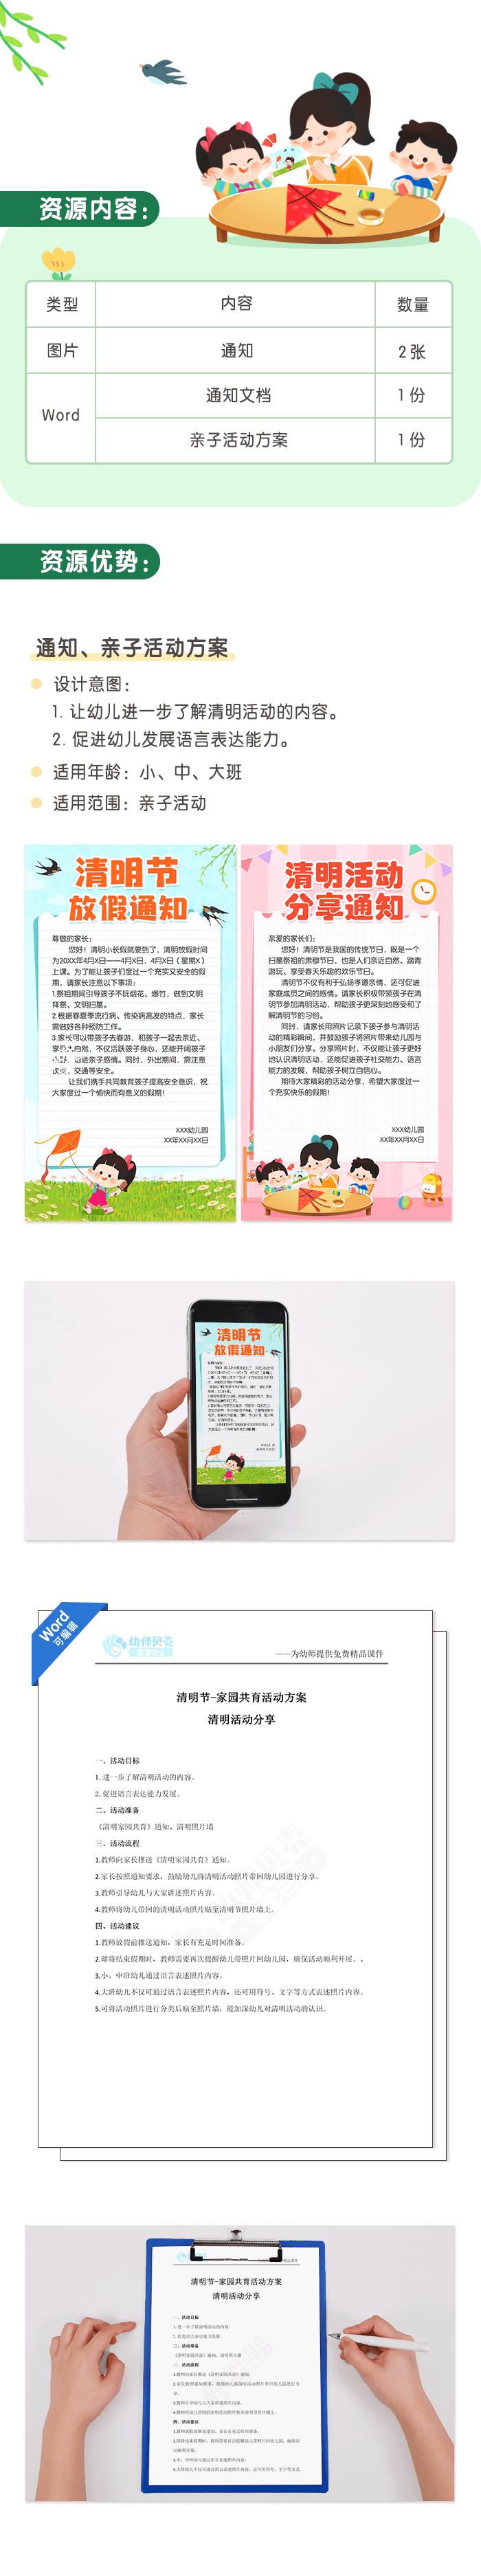 清明节亲子活动详情页-压缩.png